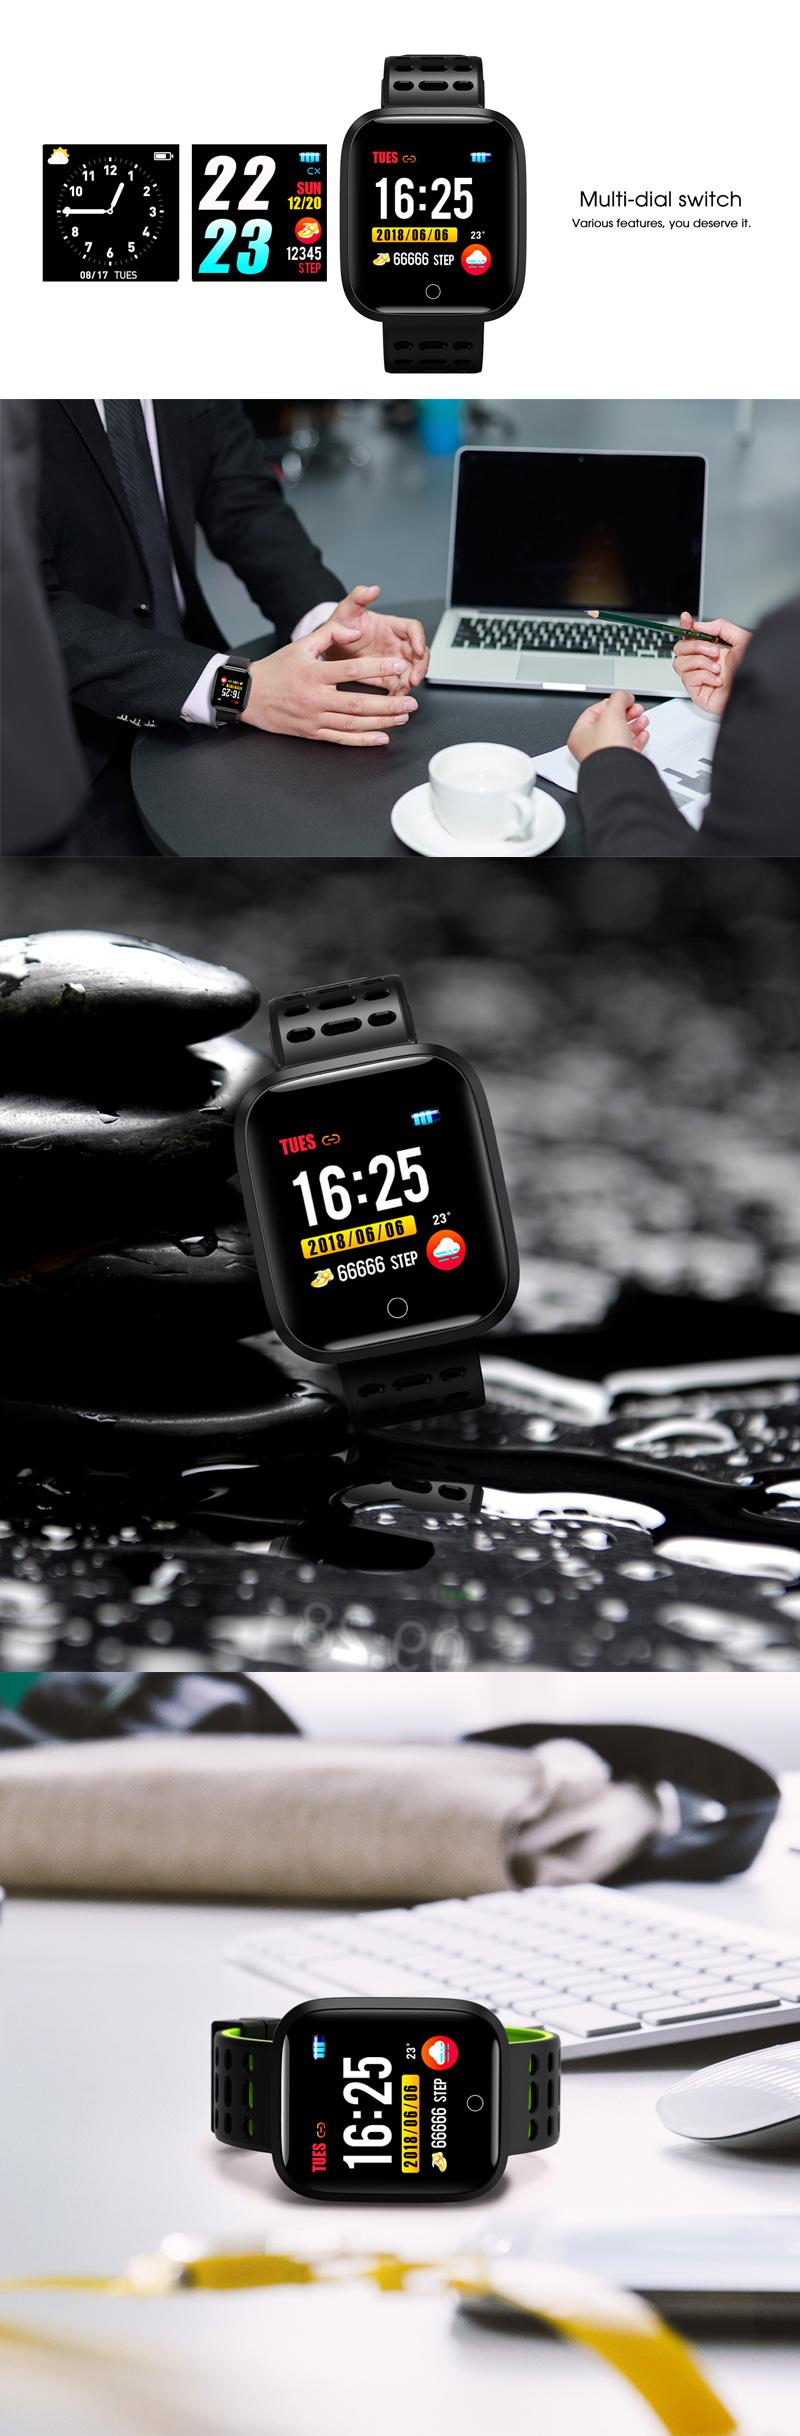 XANESY181,33IPSЦветной сенсорный экран Водонепроницаемы Умные часы Сердце Оценить Монитор Фитнес Умный браслет - фото 3